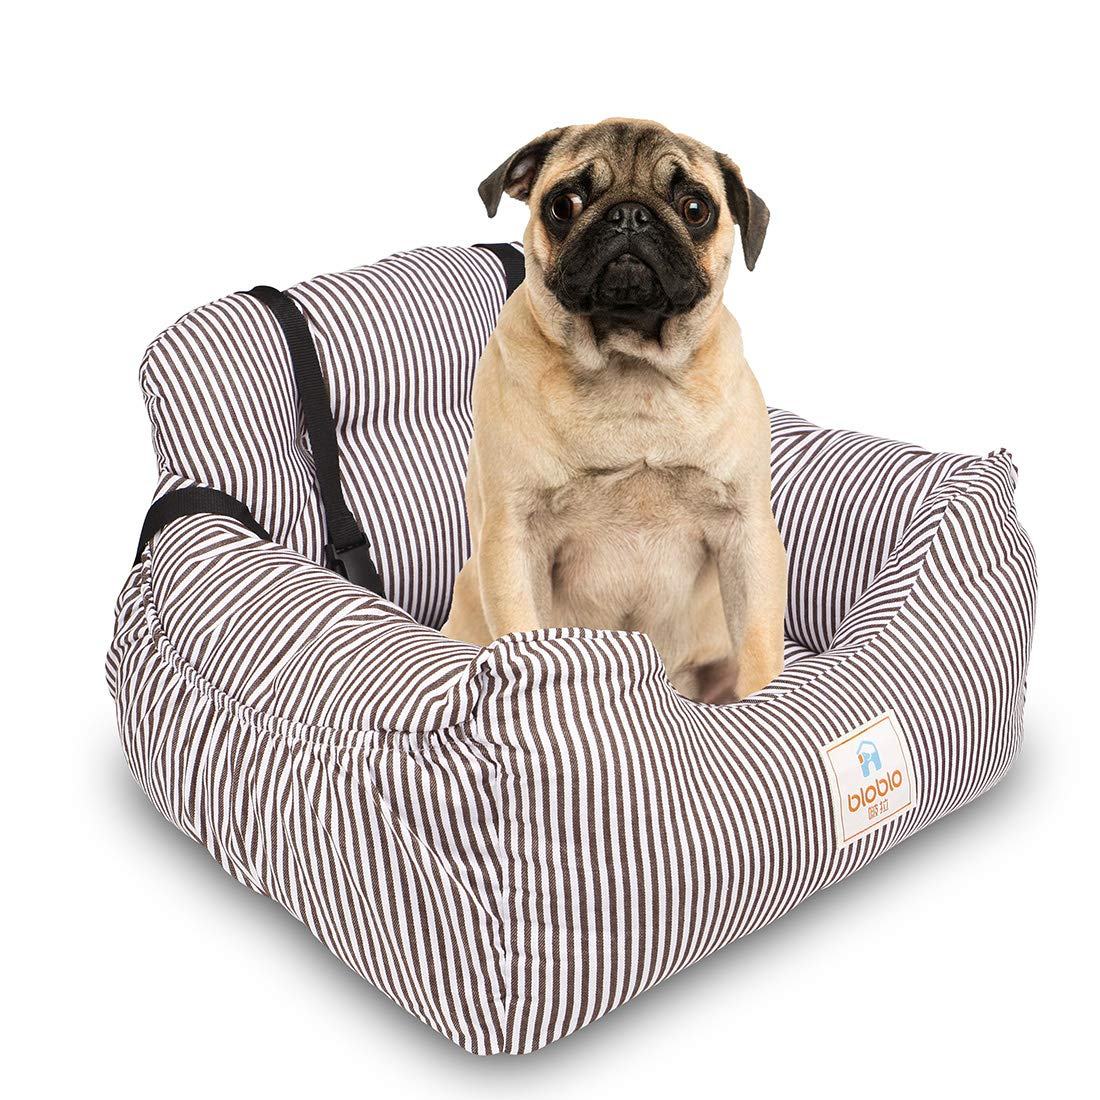 Siège de sécurité pour animaux de compagnie confortable respirant à l'extérieur voyage voiture transporteur chien lit tapis couverture Pet siège de voiture sac